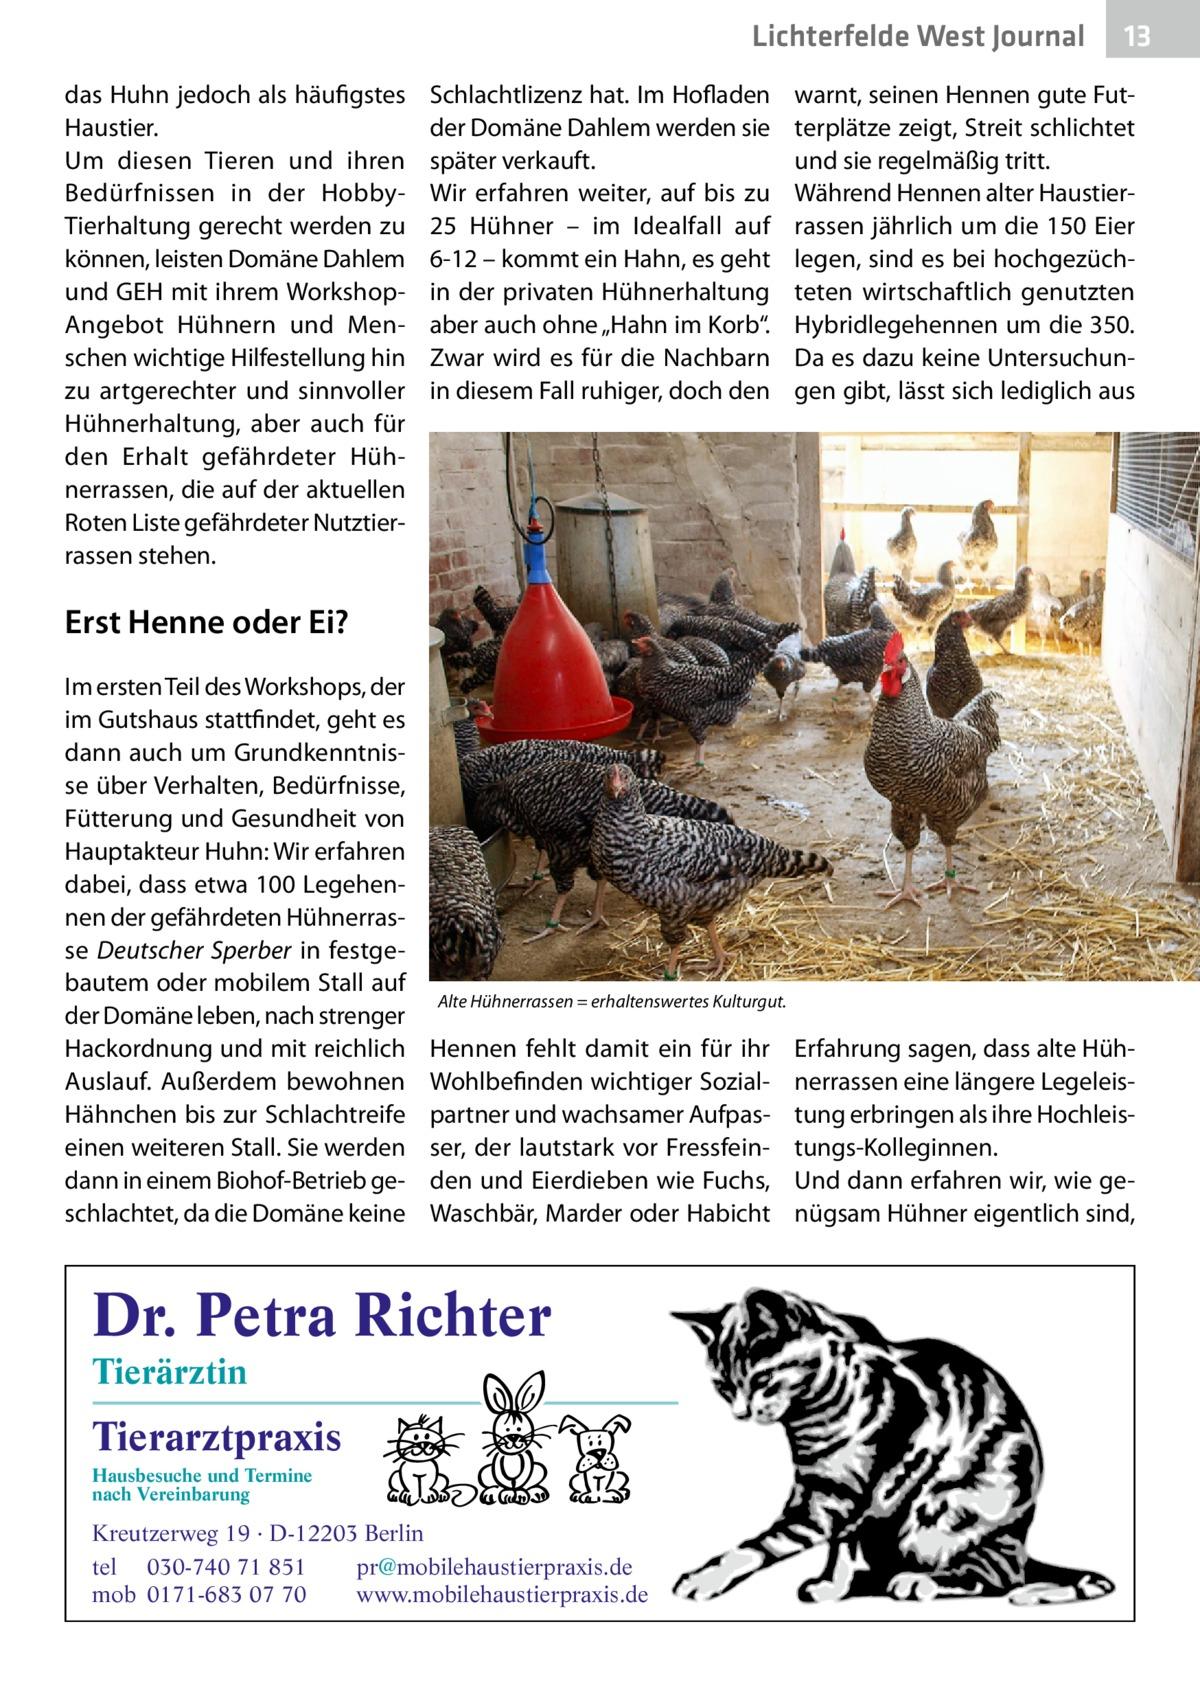 """Lichterfelde West Journal das Huhn jedoch als häufigstes Haustier. Um diesen Tieren und ihren Bedürfnissen in der HobbyTierhaltung gerecht werden zu können, leisten Domäne Dahlem und GEH mit ihrem WorkshopAngebot Hühnern und Menschen wichtige Hilfestellung hin zu artgerechter und sinnvoller Hühnerhaltung, aber auch für den Erhalt gefährdeter Hühnerrassen, die auf der aktuellen Roten Liste gefährdeter Nutztierrassen stehen.  Schlachtlizenz hat. Im Hofladen der Domäne Dahlem werden sie später verkauft. Wir erfahren weiter, auf bis zu 25 Hühner – im Idealfall auf 6-12 – kommt ein Hahn, es geht in der privaten Hühnerhaltung aber auch ohne """"Hahn im Korb"""". Zwar wird es für die Nachbarn in diesem Fall ruhiger, doch den  13 13  warnt, seinen Hennen gute Futterplätze zeigt, Streit schlichtet und sie regelmäßig tritt. Während Hennen alter Haustierrassen jährlich um die 150 Eier legen, sind es bei hochgezüchteten wirtschaftlich genutzten Hybridlegehennen um die 350. Da es dazu keine Untersuchungen gibt, lässt sich lediglich aus  Erst Henne oder Ei? Im ersten Teil des Workshops, der im Gutshaus stattfindet, geht es dann auch um Grundkenntnisse über Verhalten, Bedürfnisse, Fütterung und Gesundheit von Hauptakteur Huhn: Wir erfahren dabei, dass etwa 100Legehennen der gefährdeten Hühnerrasse Deutscher Sperber in festgebautem oder mobilem Stall auf der Domäne leben, nach strenger Hackordnung und mit reichlich Auslauf. Außerdem bewohnen Hähnchen bis zur Schlachtreife einen weiteren Stall. Sie werden dann in einem Biohof-Betrieb geschlachtet, da die Domäne keine  Alte Hühnerrassen = erhaltenswertes Kulturgut.  Hennen fehlt damit ein für ihr Wohlbefinden wichtiger Sozialpartner und wachsamer Aufpasser, der lautstark vor Fressfeinden und Eierdieben wie Fuchs, Waschbär, Marder oder Habicht  Dr. Petra Richter Tierärztin  Tierarztpraxis Hausbesuche und Termine nach Vereinbarung  ���  Kreutzerweg 19 · D-12203 Berlin tel 030-740 71 851 pr@mobilehaustierpraxis.de mob 0171-683 07 70 www.mobil"""